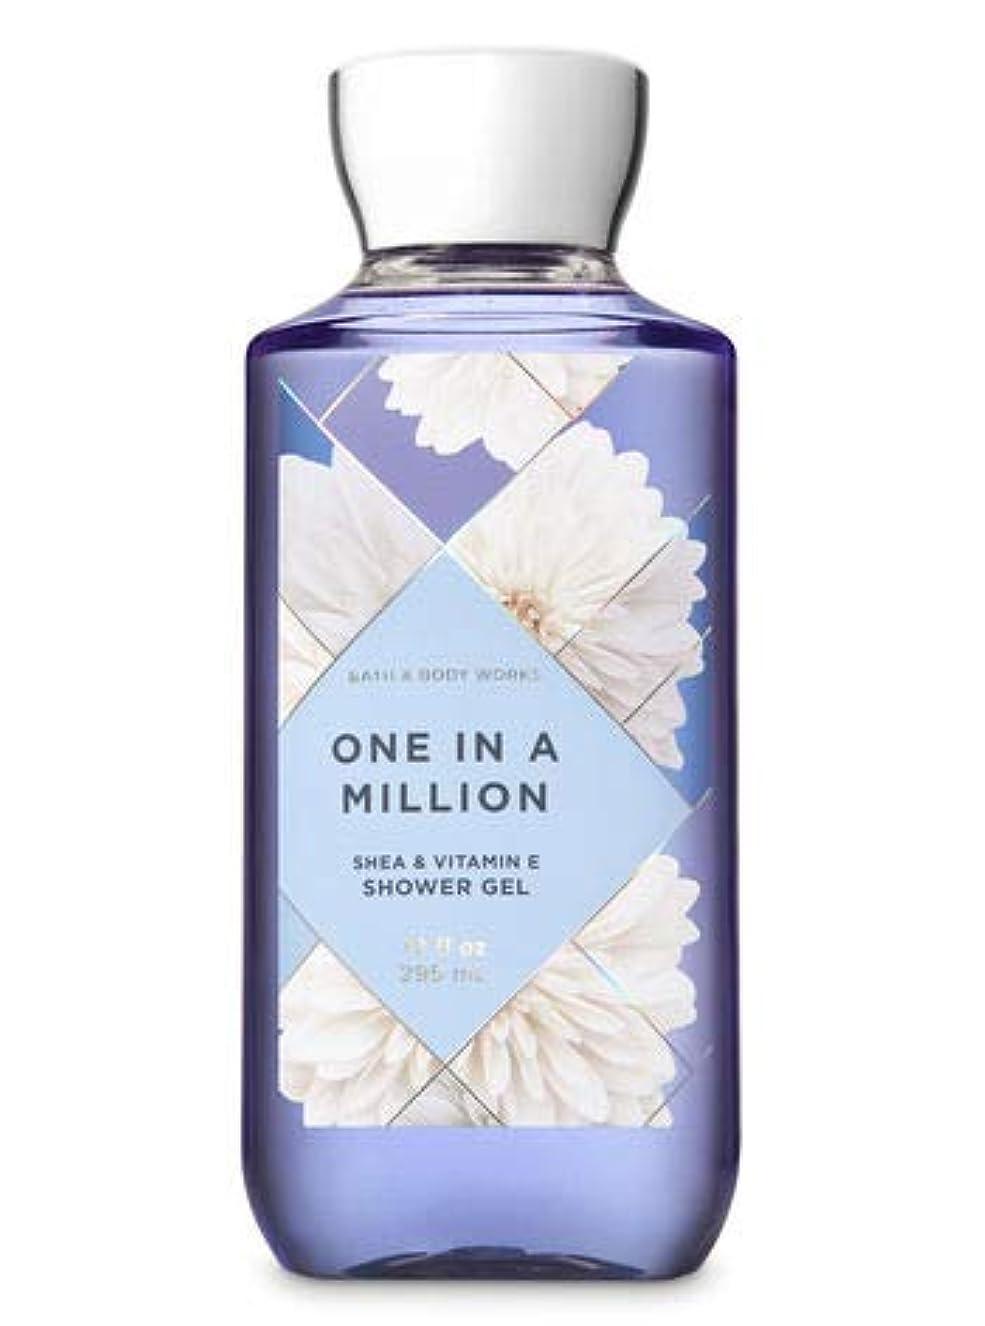 線規則性タンパク質【Bath&Body Works/バス&ボディワークス】 シャワージェル ワンインアミリオン Shower Gel One in a Million 10 fl oz / 295 mL [並行輸入品]